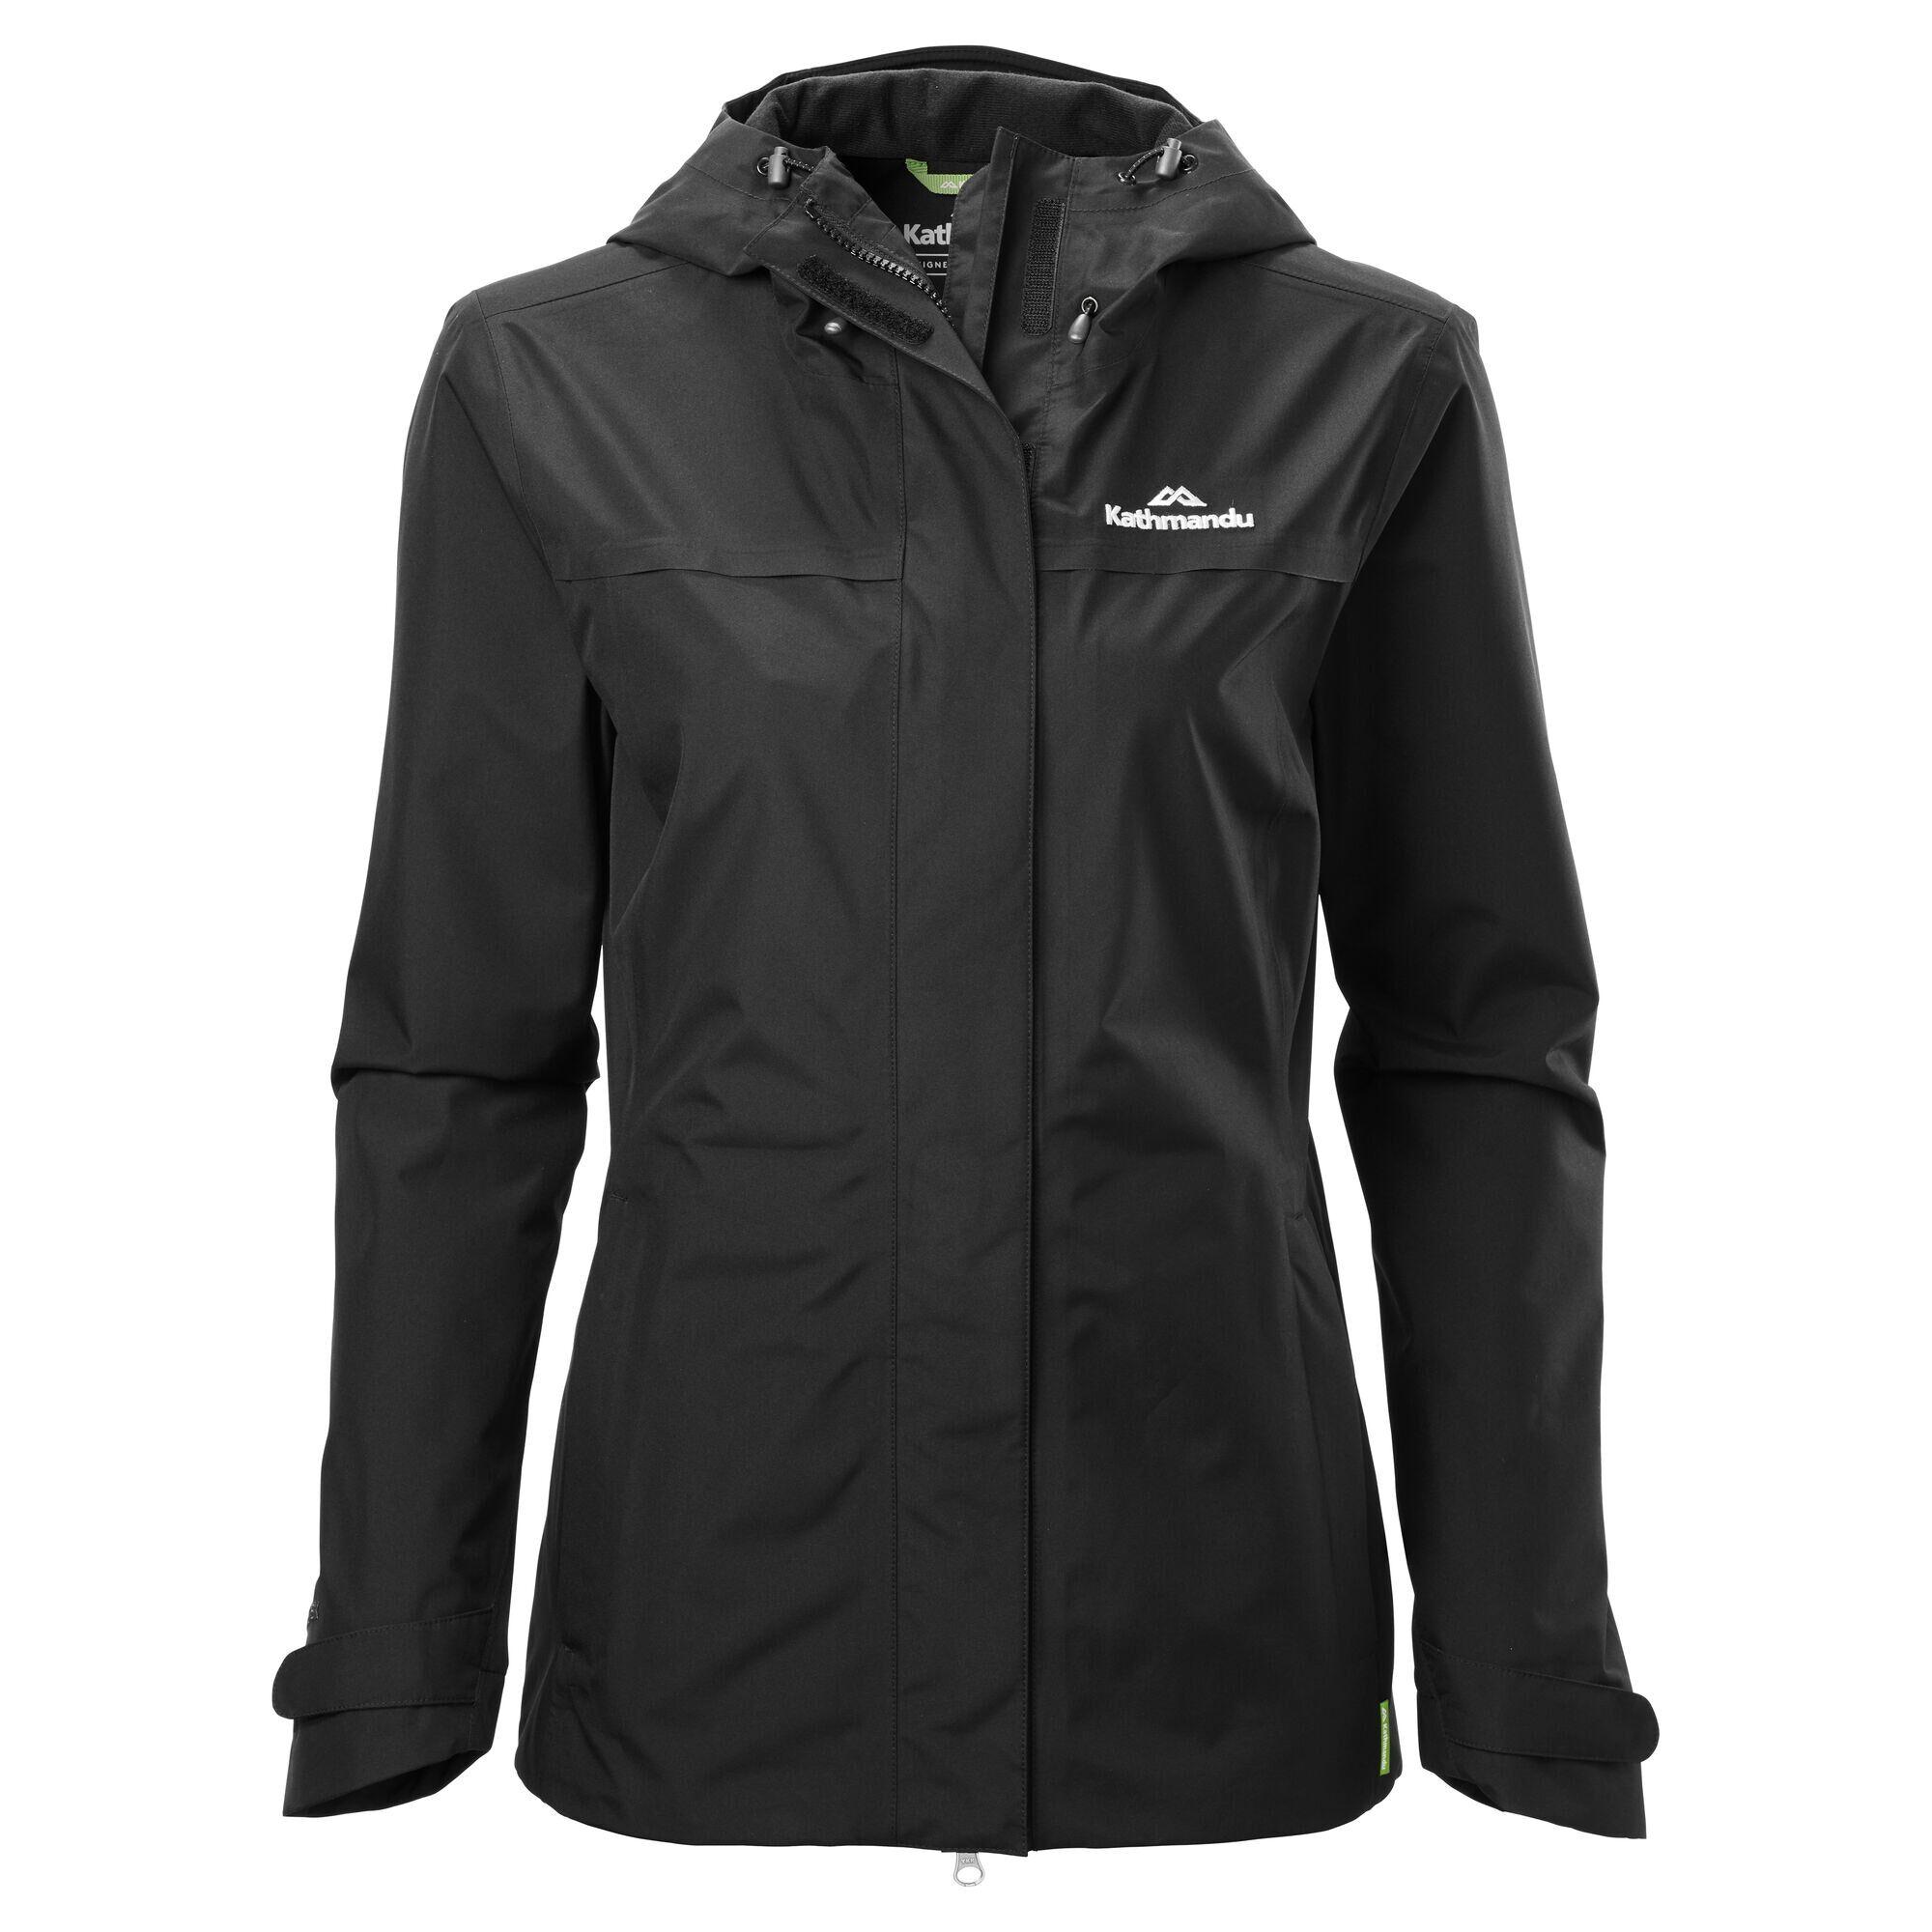 Kathmandu Bealey Women's GORE-TEX Jacket  - Black - Size: US 14